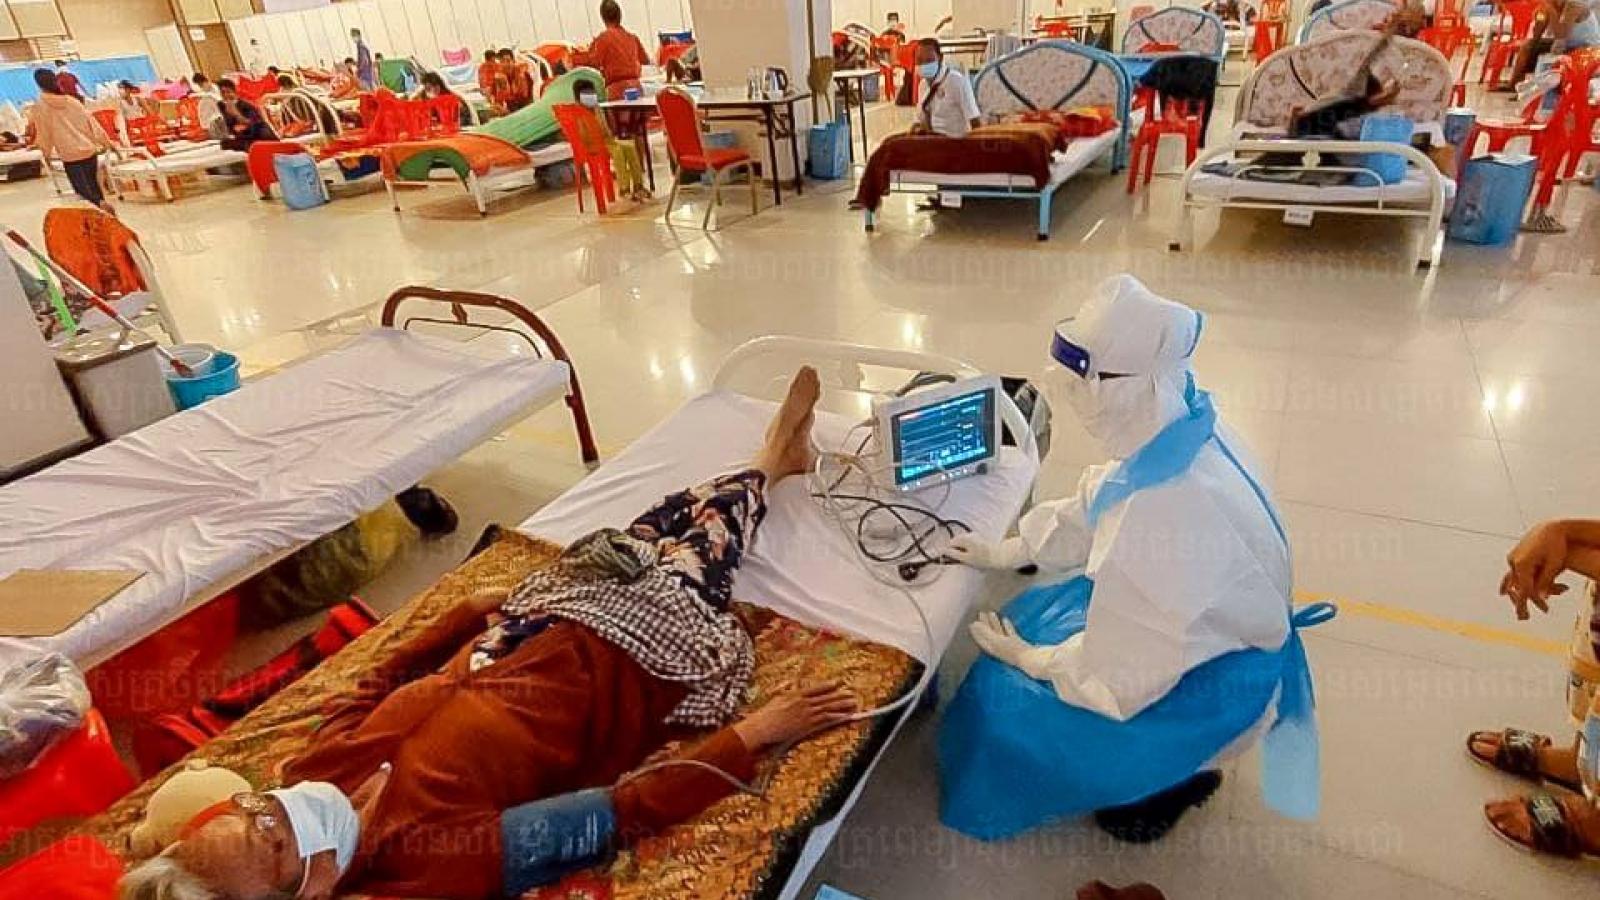 Thủ đô Phnom Penh (Campuchia) dỡ bỏ một loạt biện pháp chống dịch Covid-19